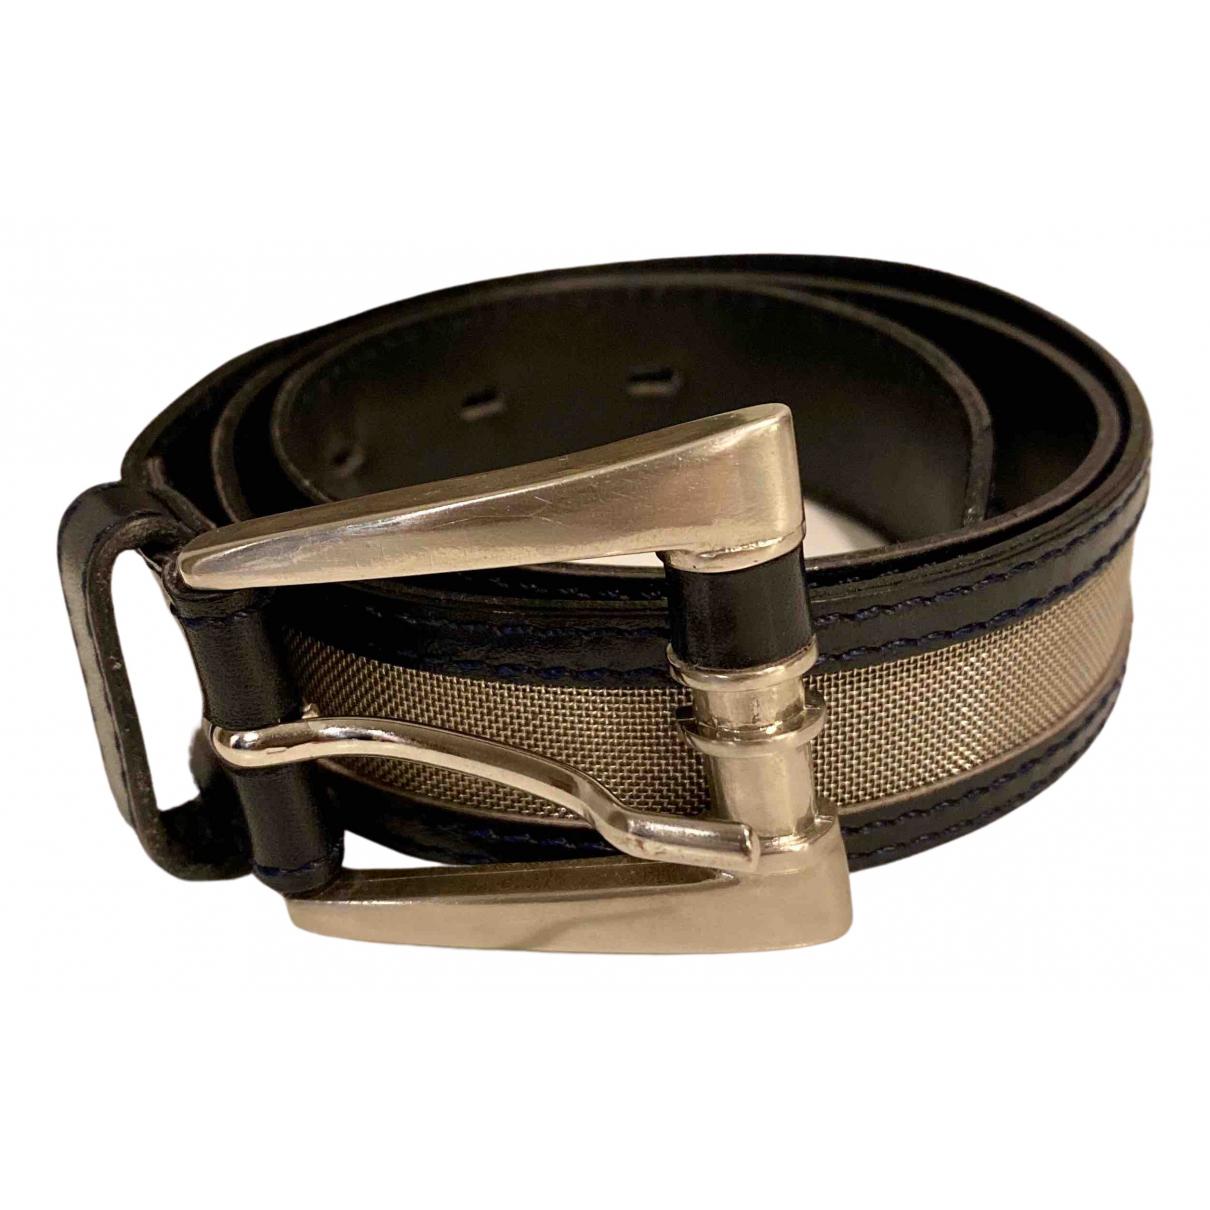 Karl Lagerfeld N Black Leather belt for Women 80 cm